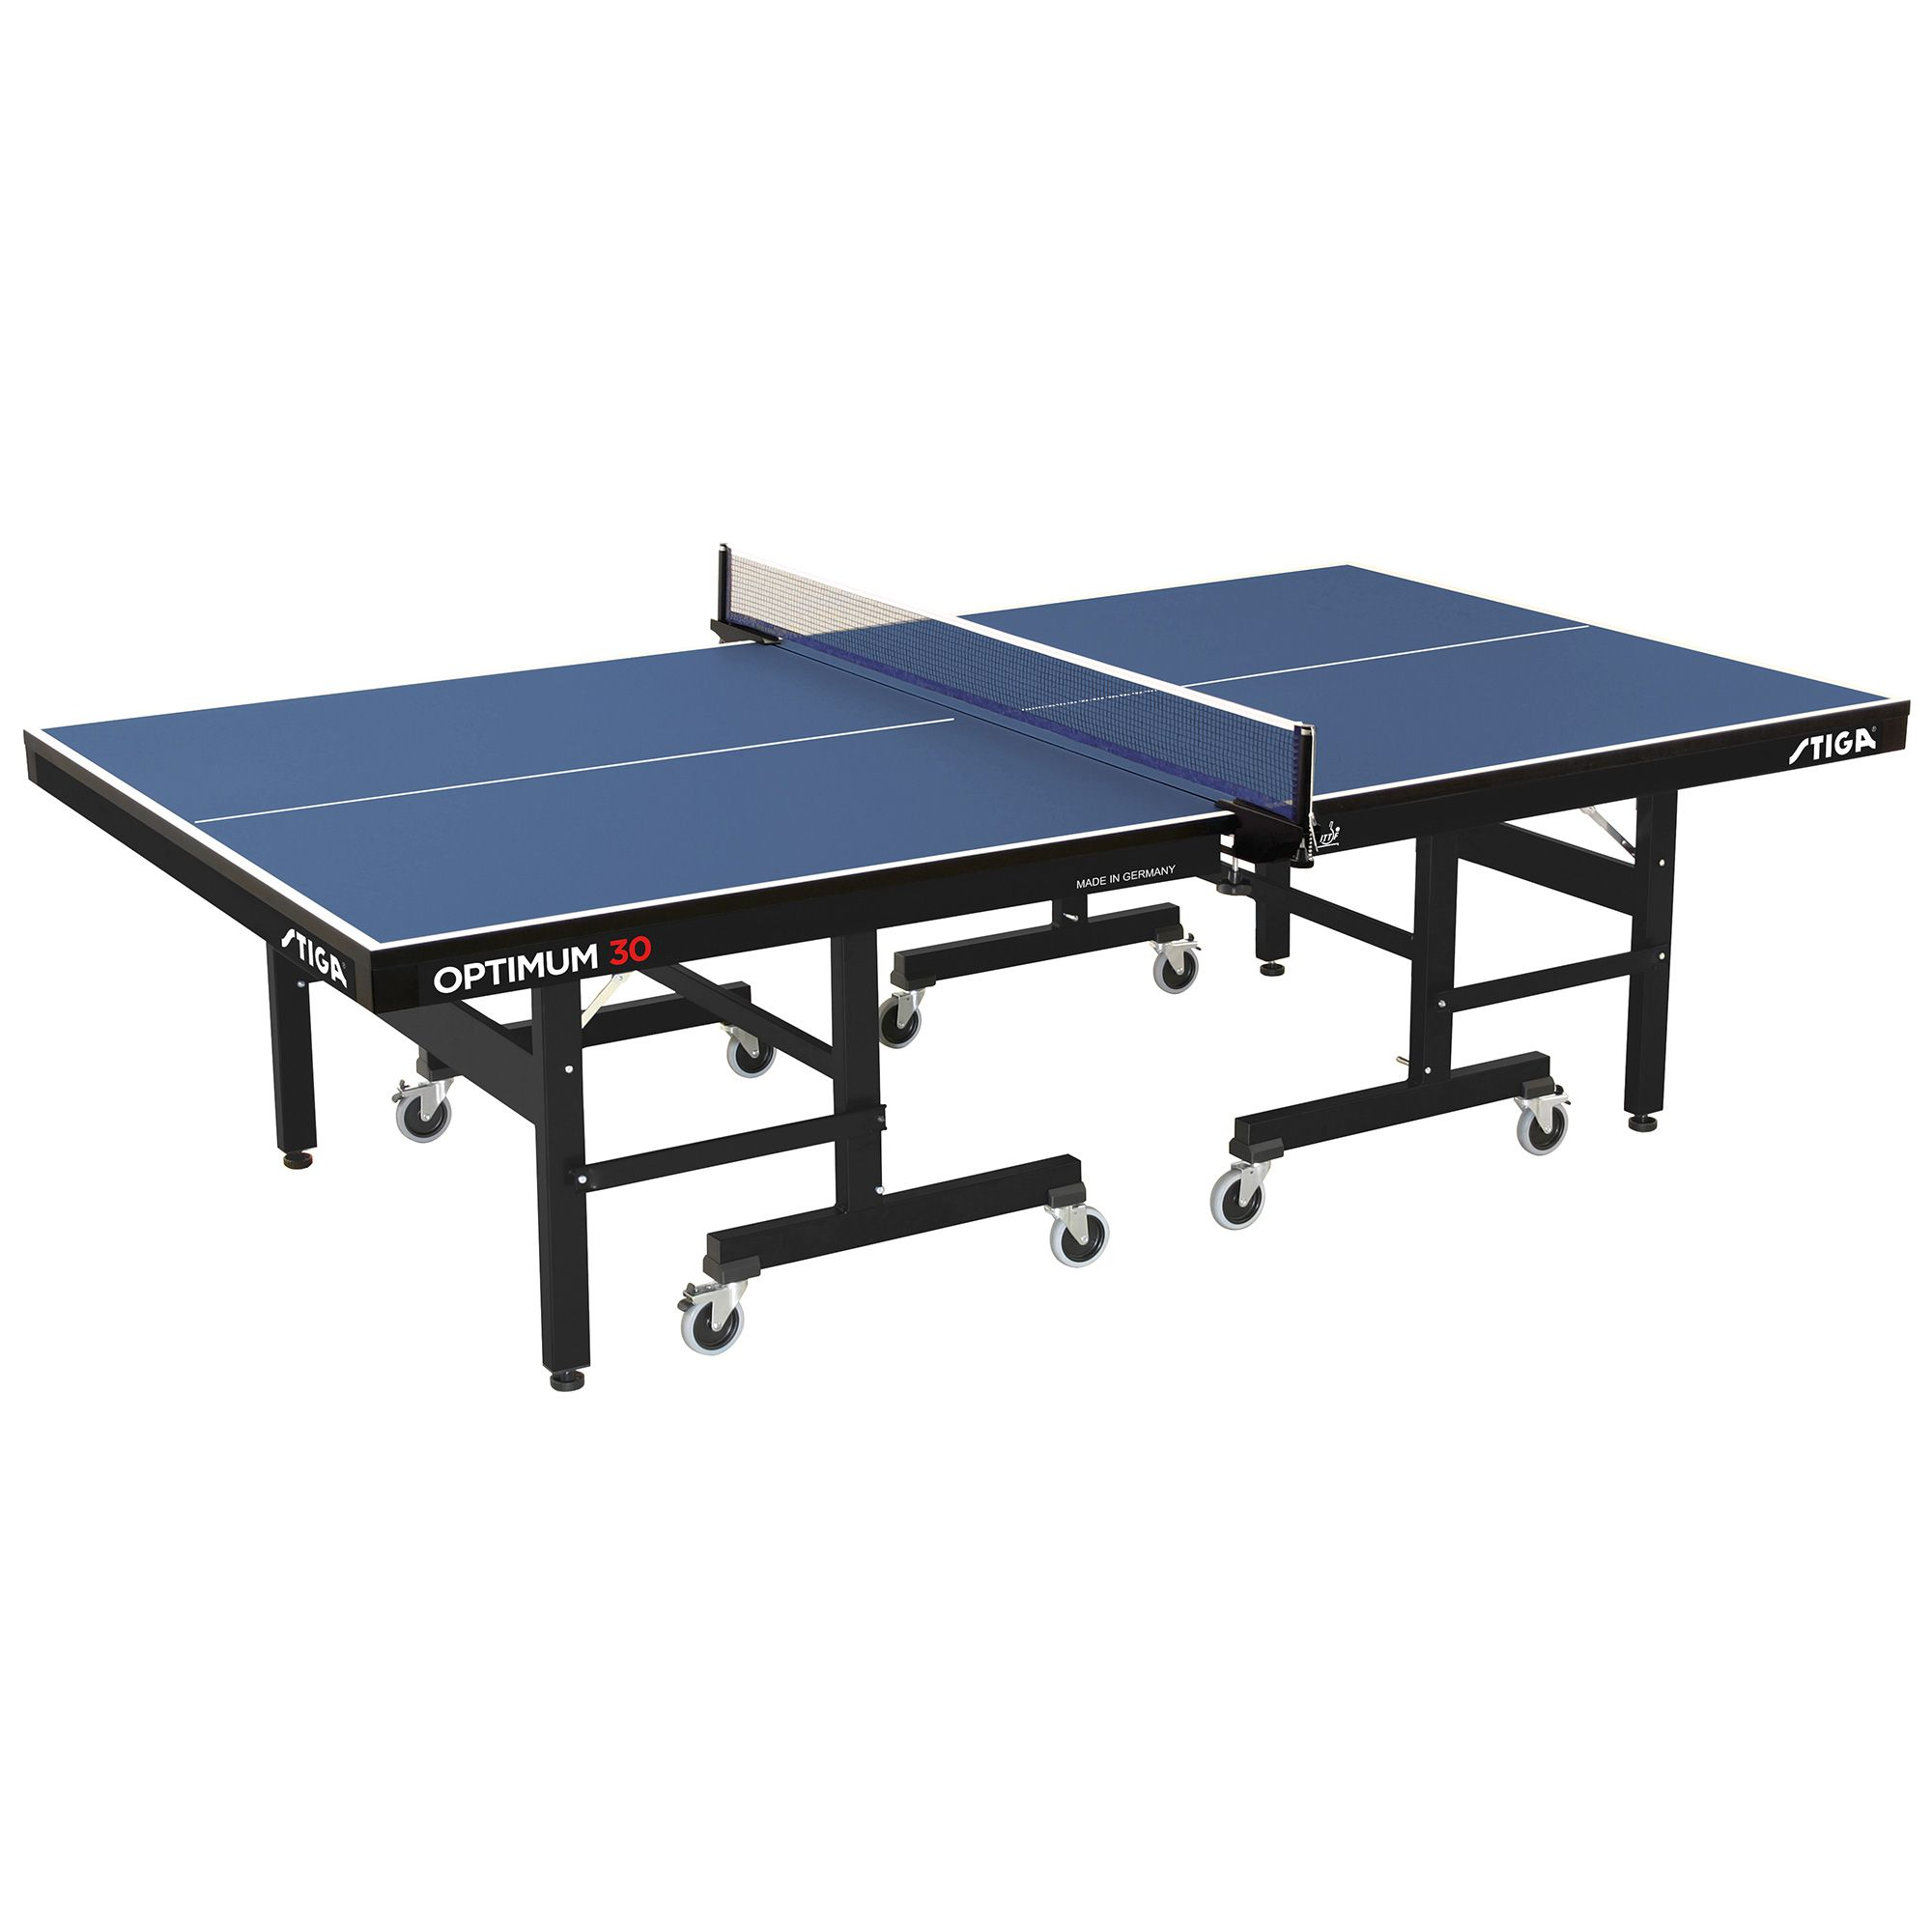 Stiga optimum 30 indoor table tennis table - Used outdoor table tennis tables for sale ...